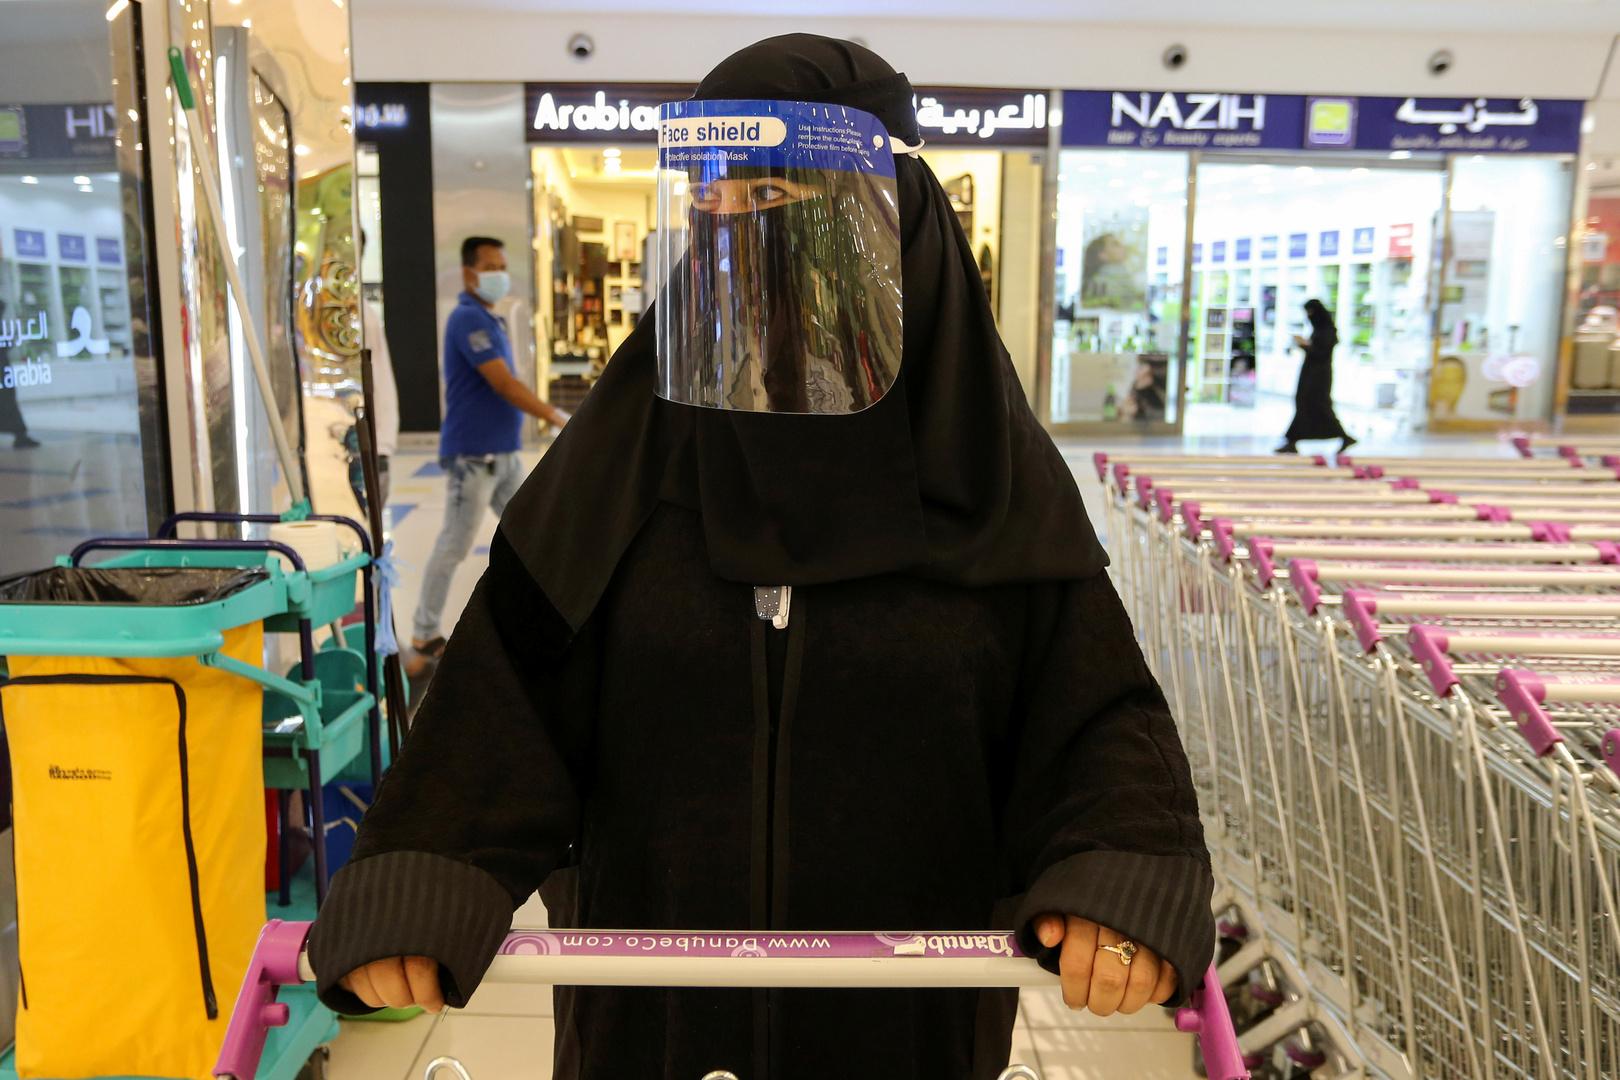 في تراجع ملموس لوتيرة الوباء.. السعودية تسجل 323 إصابة بكورونا خلال 24 ساعة